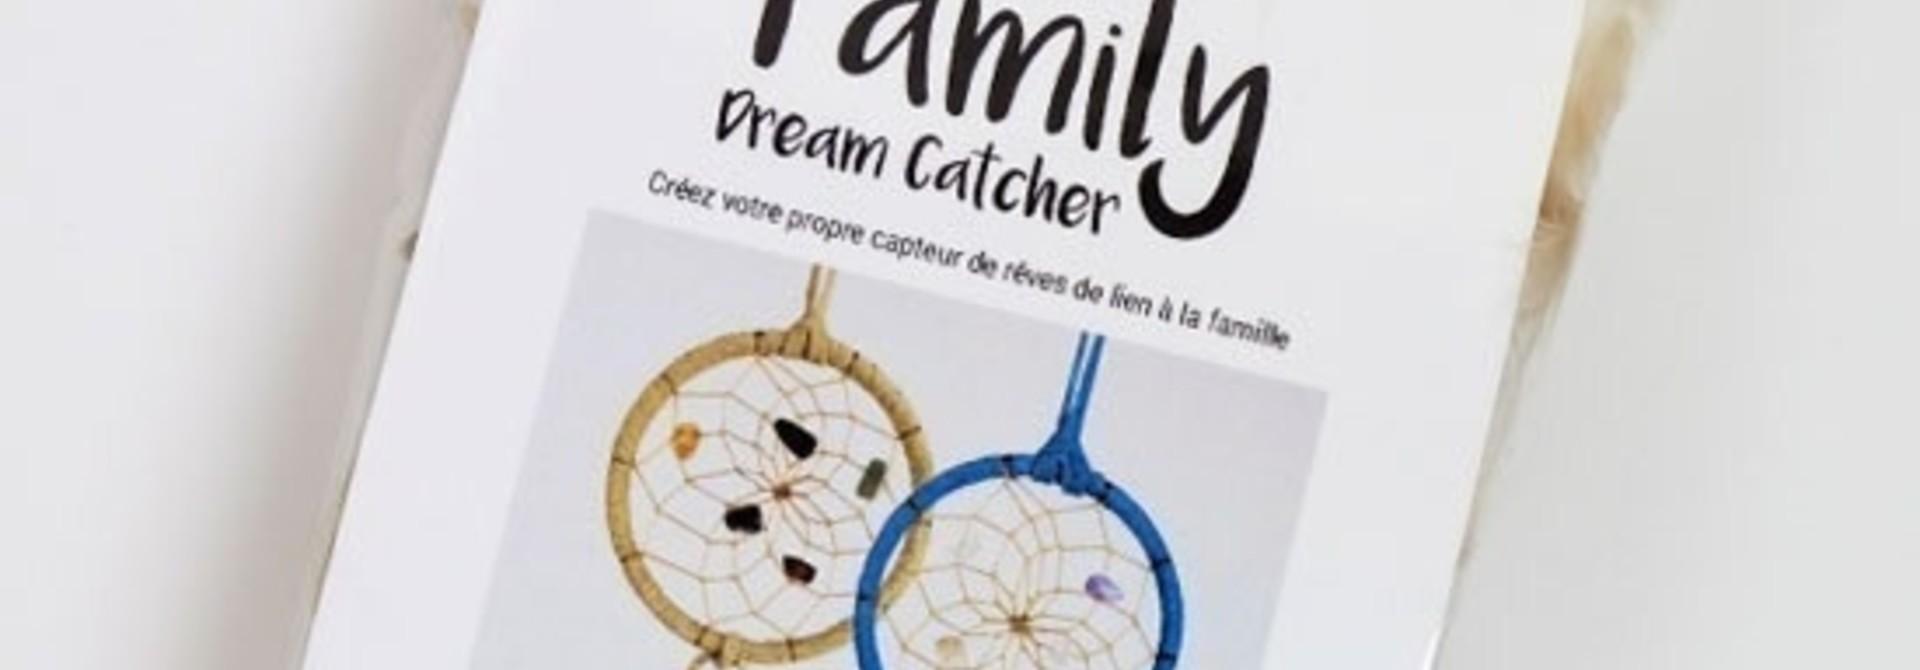 Make your own Dream Catcher kit - Family